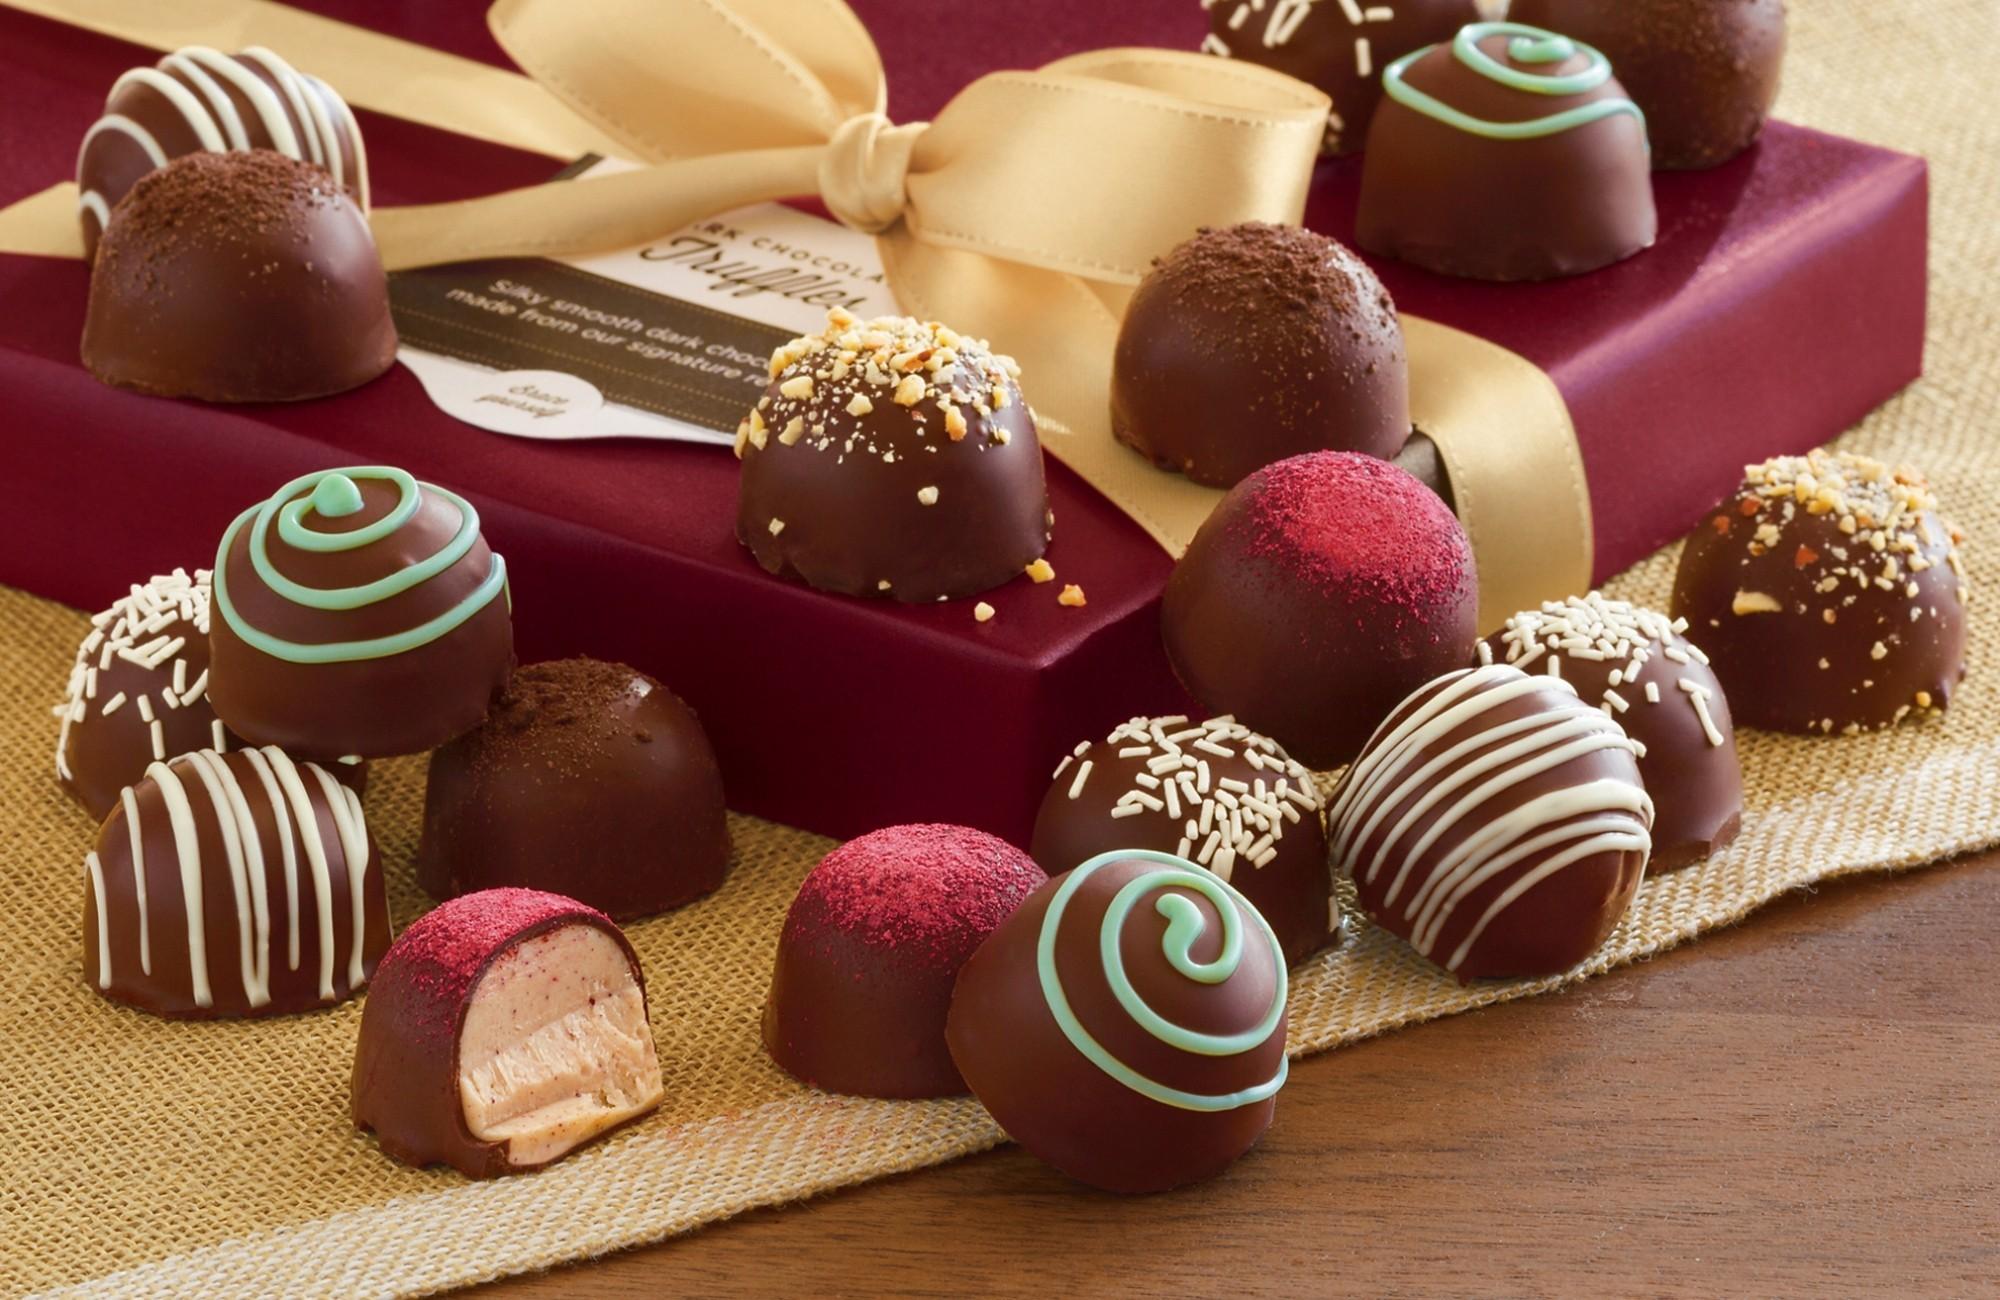 части картинки сладостей карамель бывает ситуация